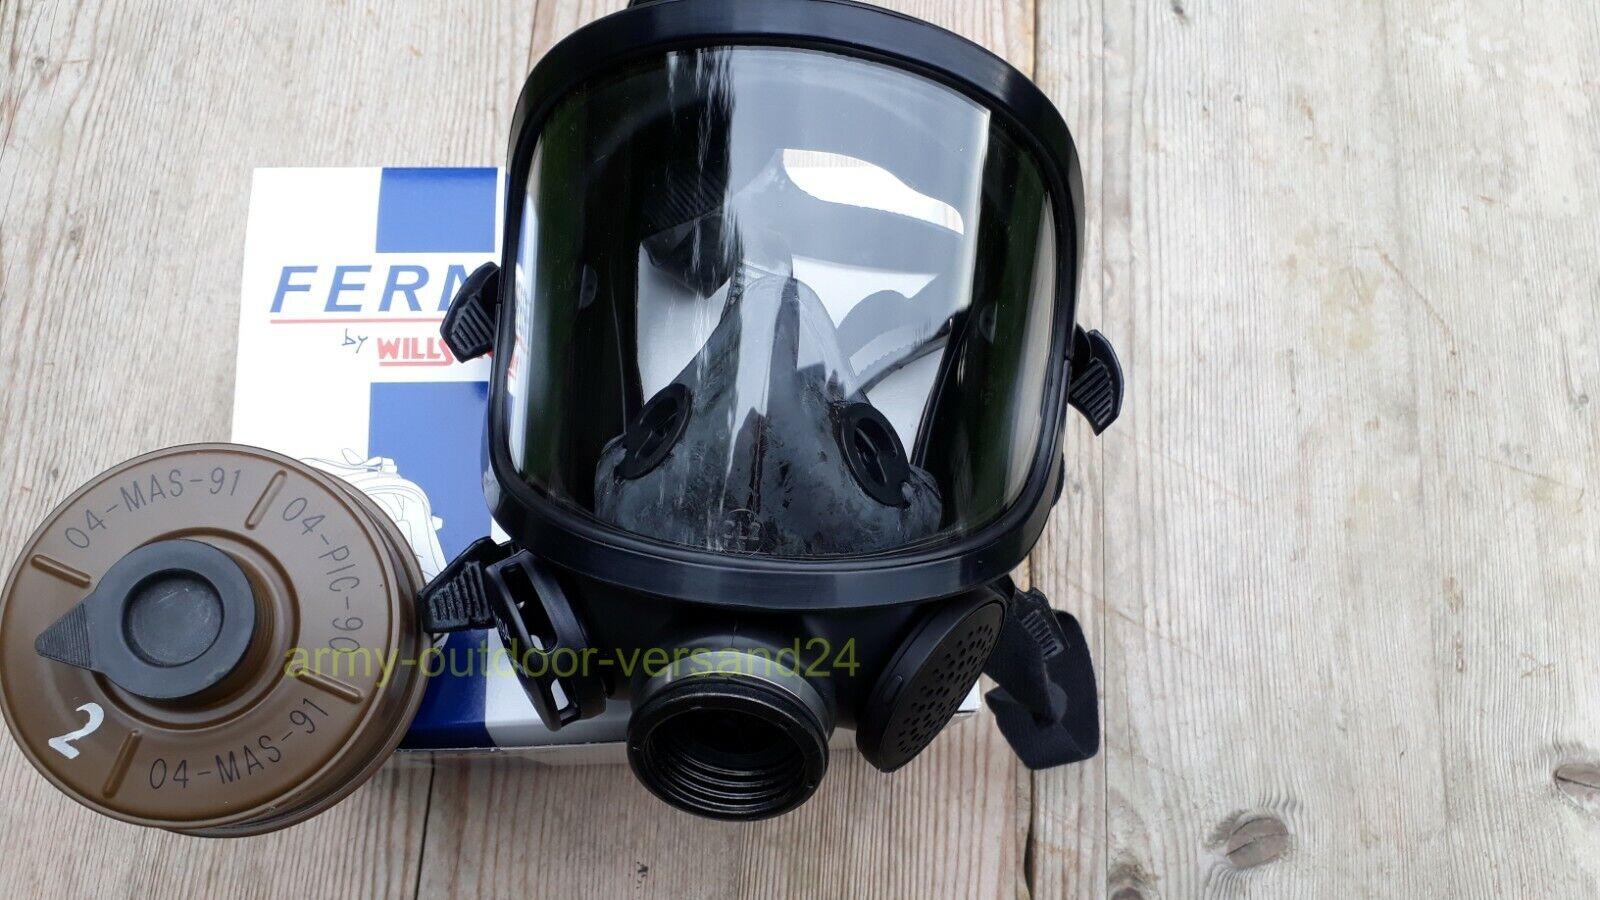 Schutzmaske Vollgesichtsmaske Atemschutz Gasmaske ABC Schutz Armee Fernez Filter